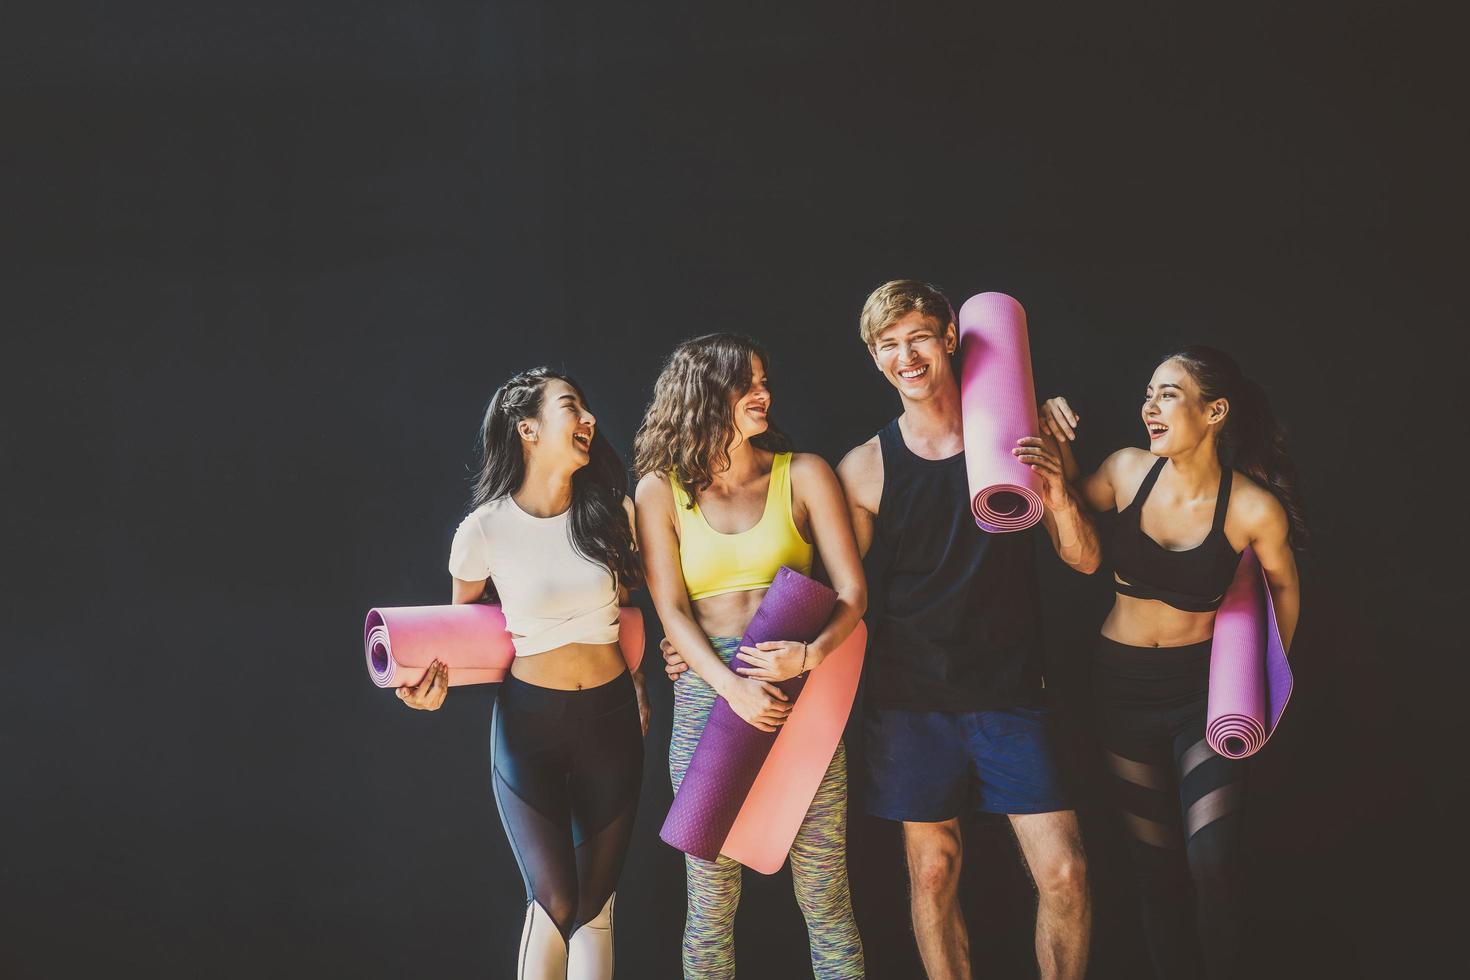 junge aktive Menschen, die zusammen in einem Yoga-Kurs trainieren foto